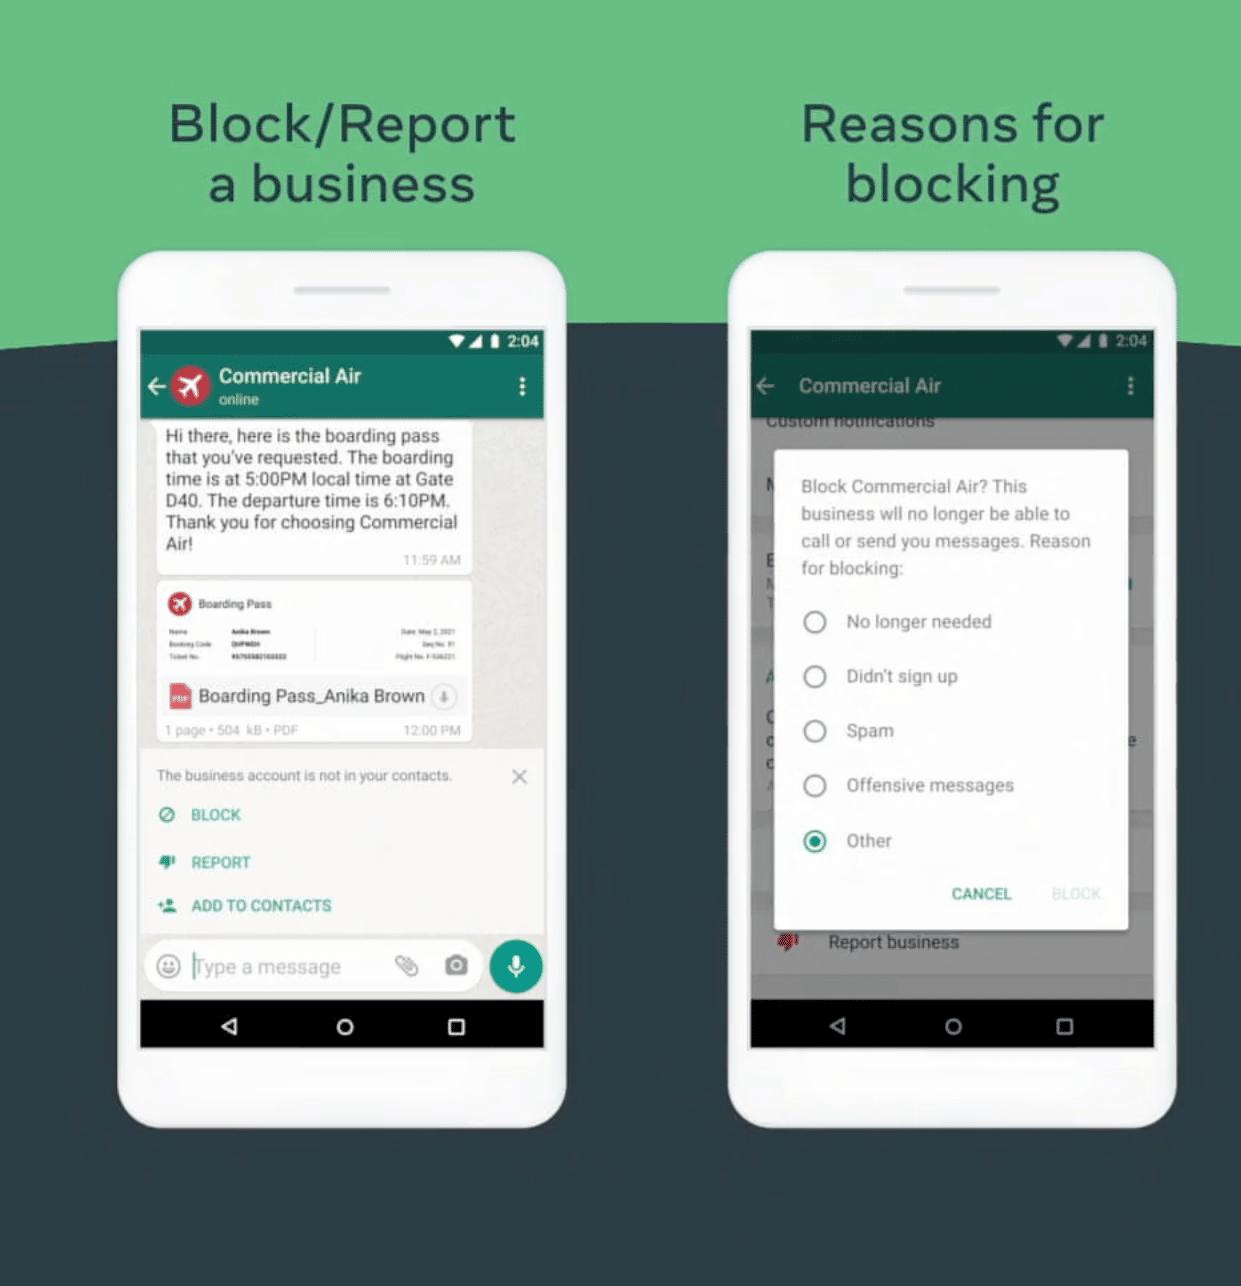 Image de deux écrans présentant comment bloquer une entreprise sur WhatsApp.